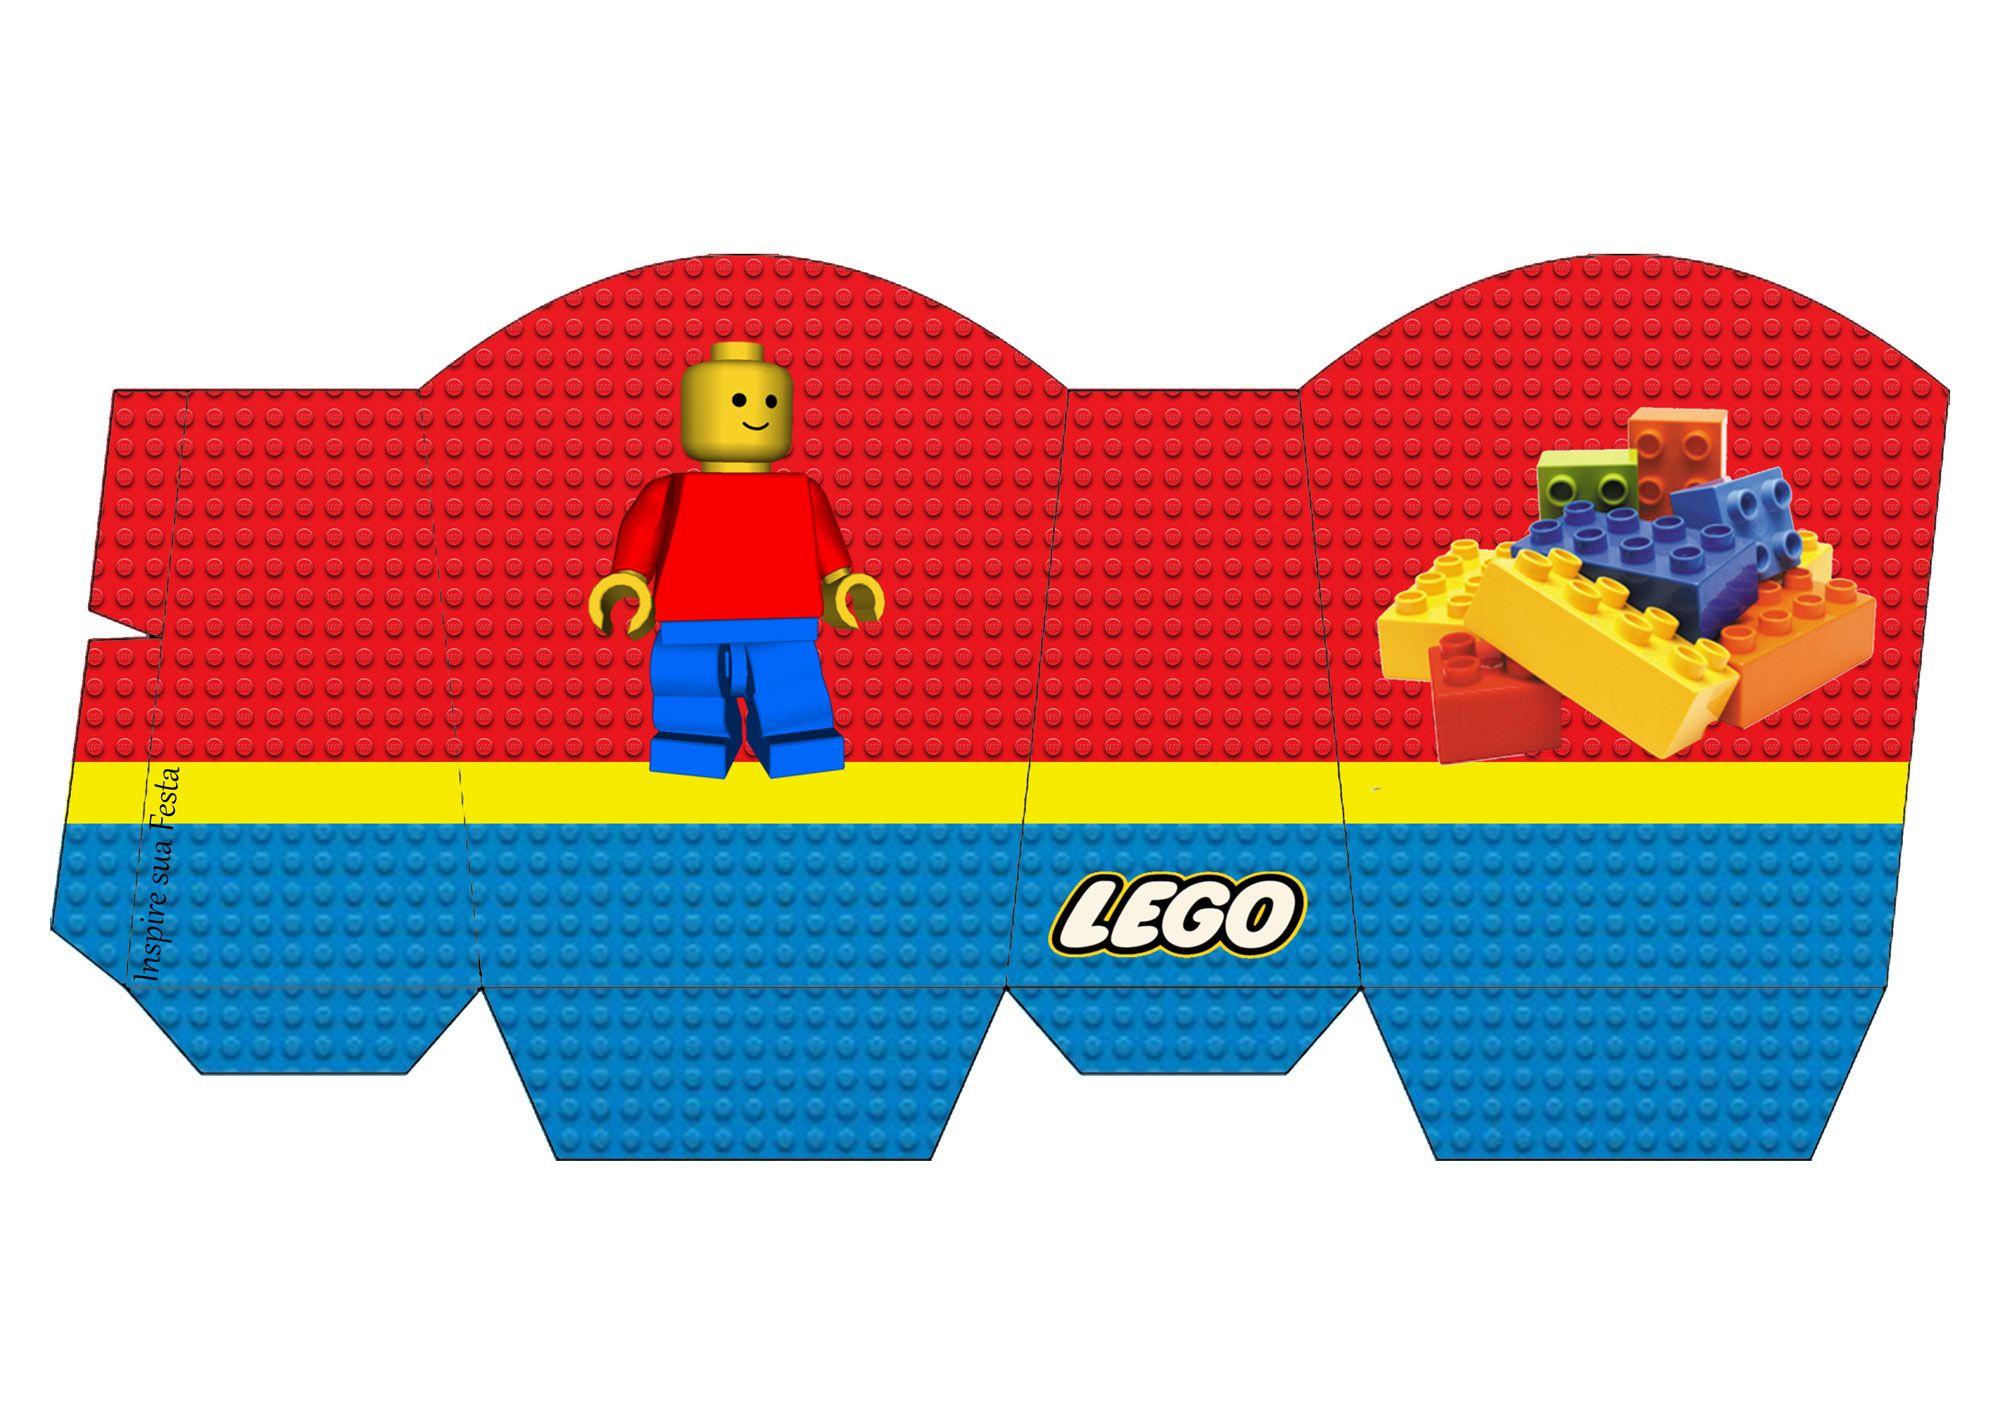 http://inspiresuafesta.com/lego-kit-digital-gratuito/#more-8485 ...